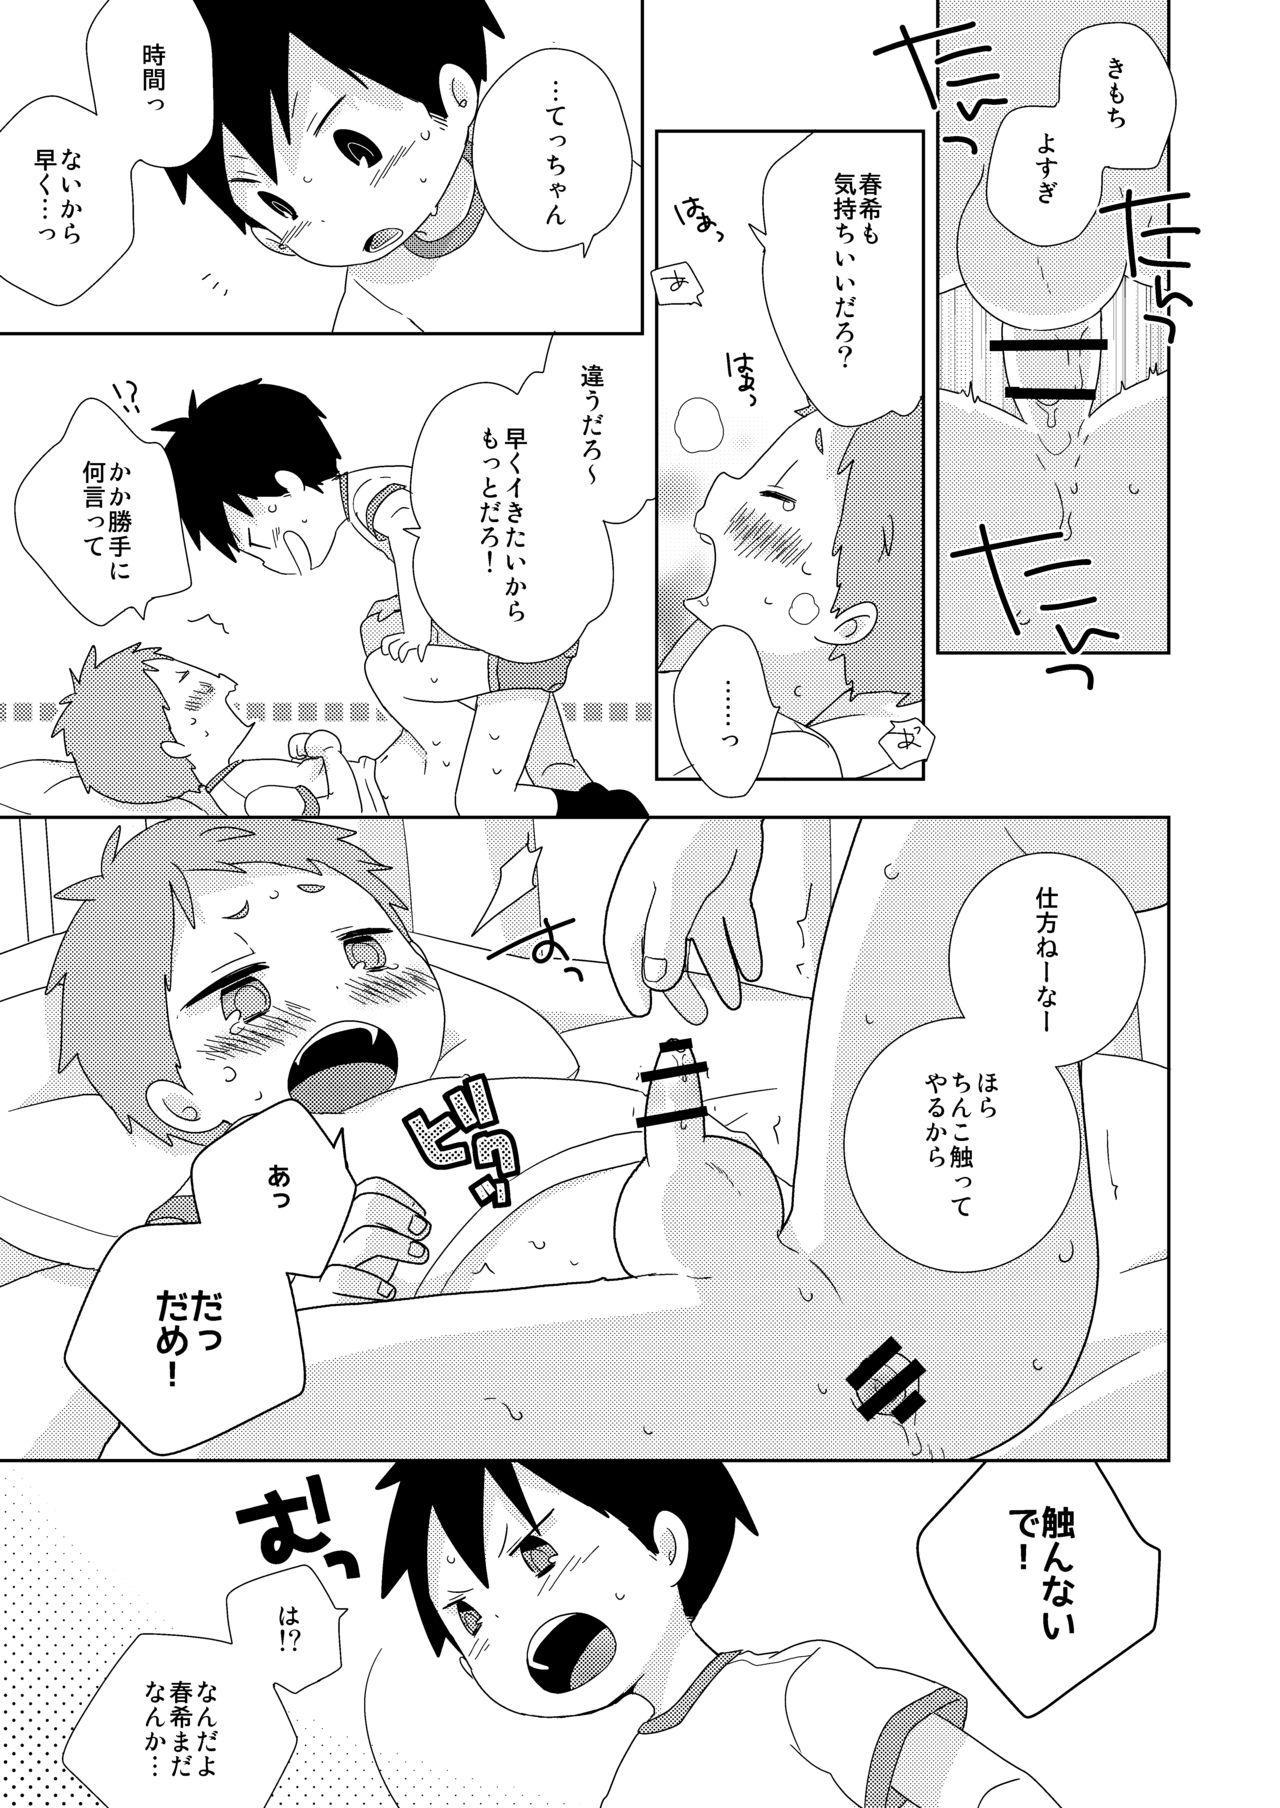 Tomodachi to wa Konna Koto Shinai! 16